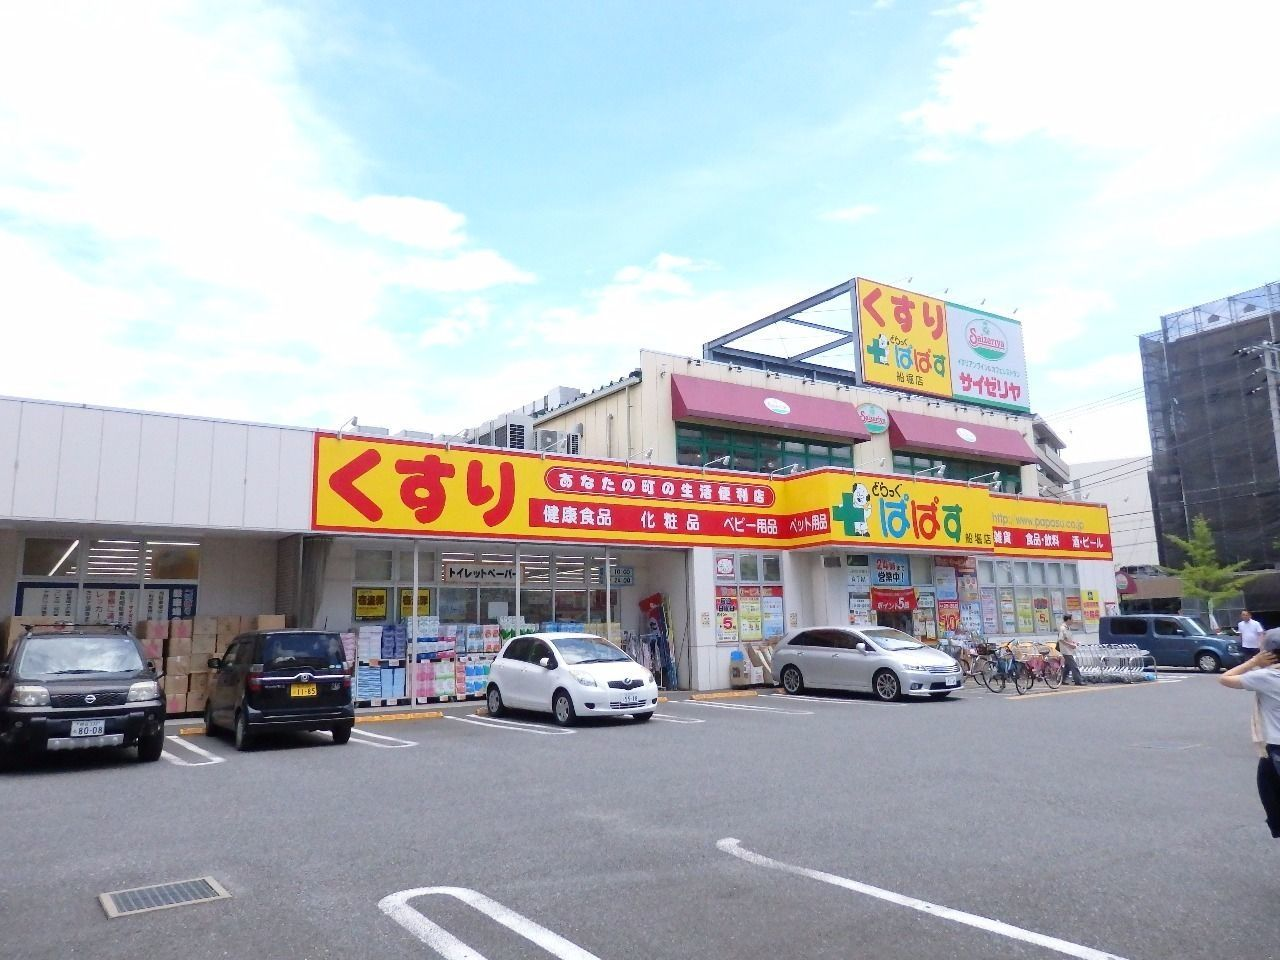 医薬品から日用品、食料品まで品揃えが豊富で、且つ大型駐車場も併設しているのでとても便利です。